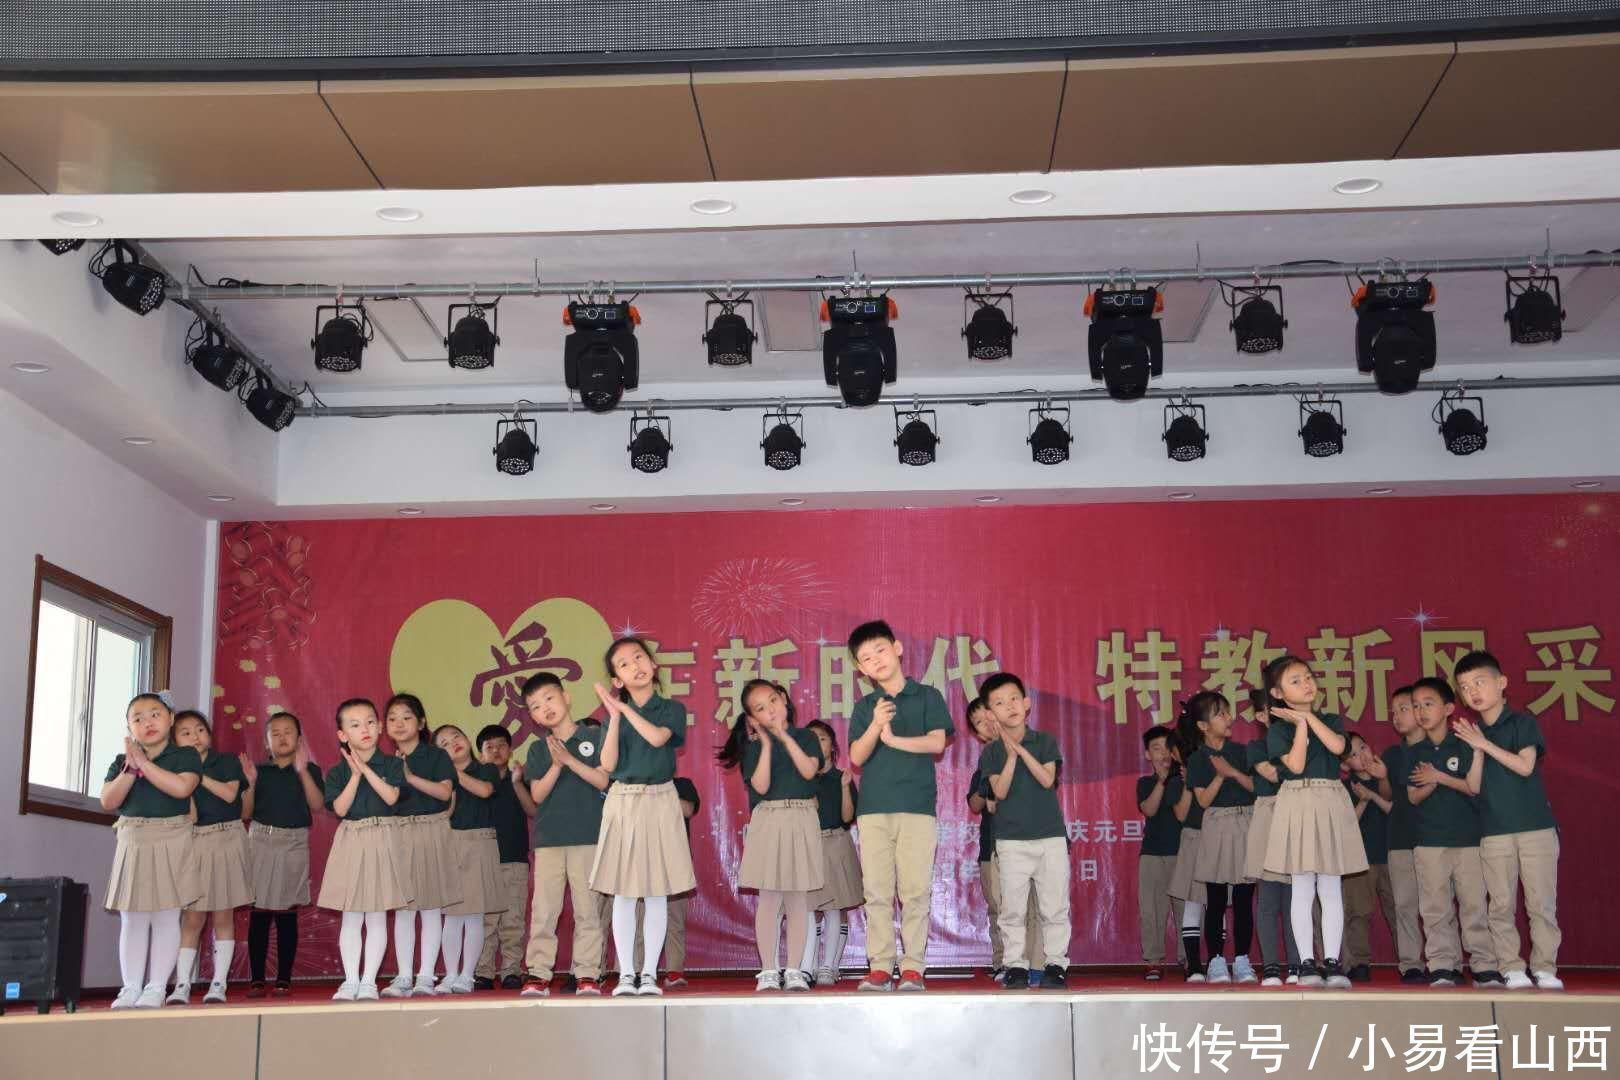 无声心相系,无言心相牵小学学校一(1)班走进城东杭州黑马图片